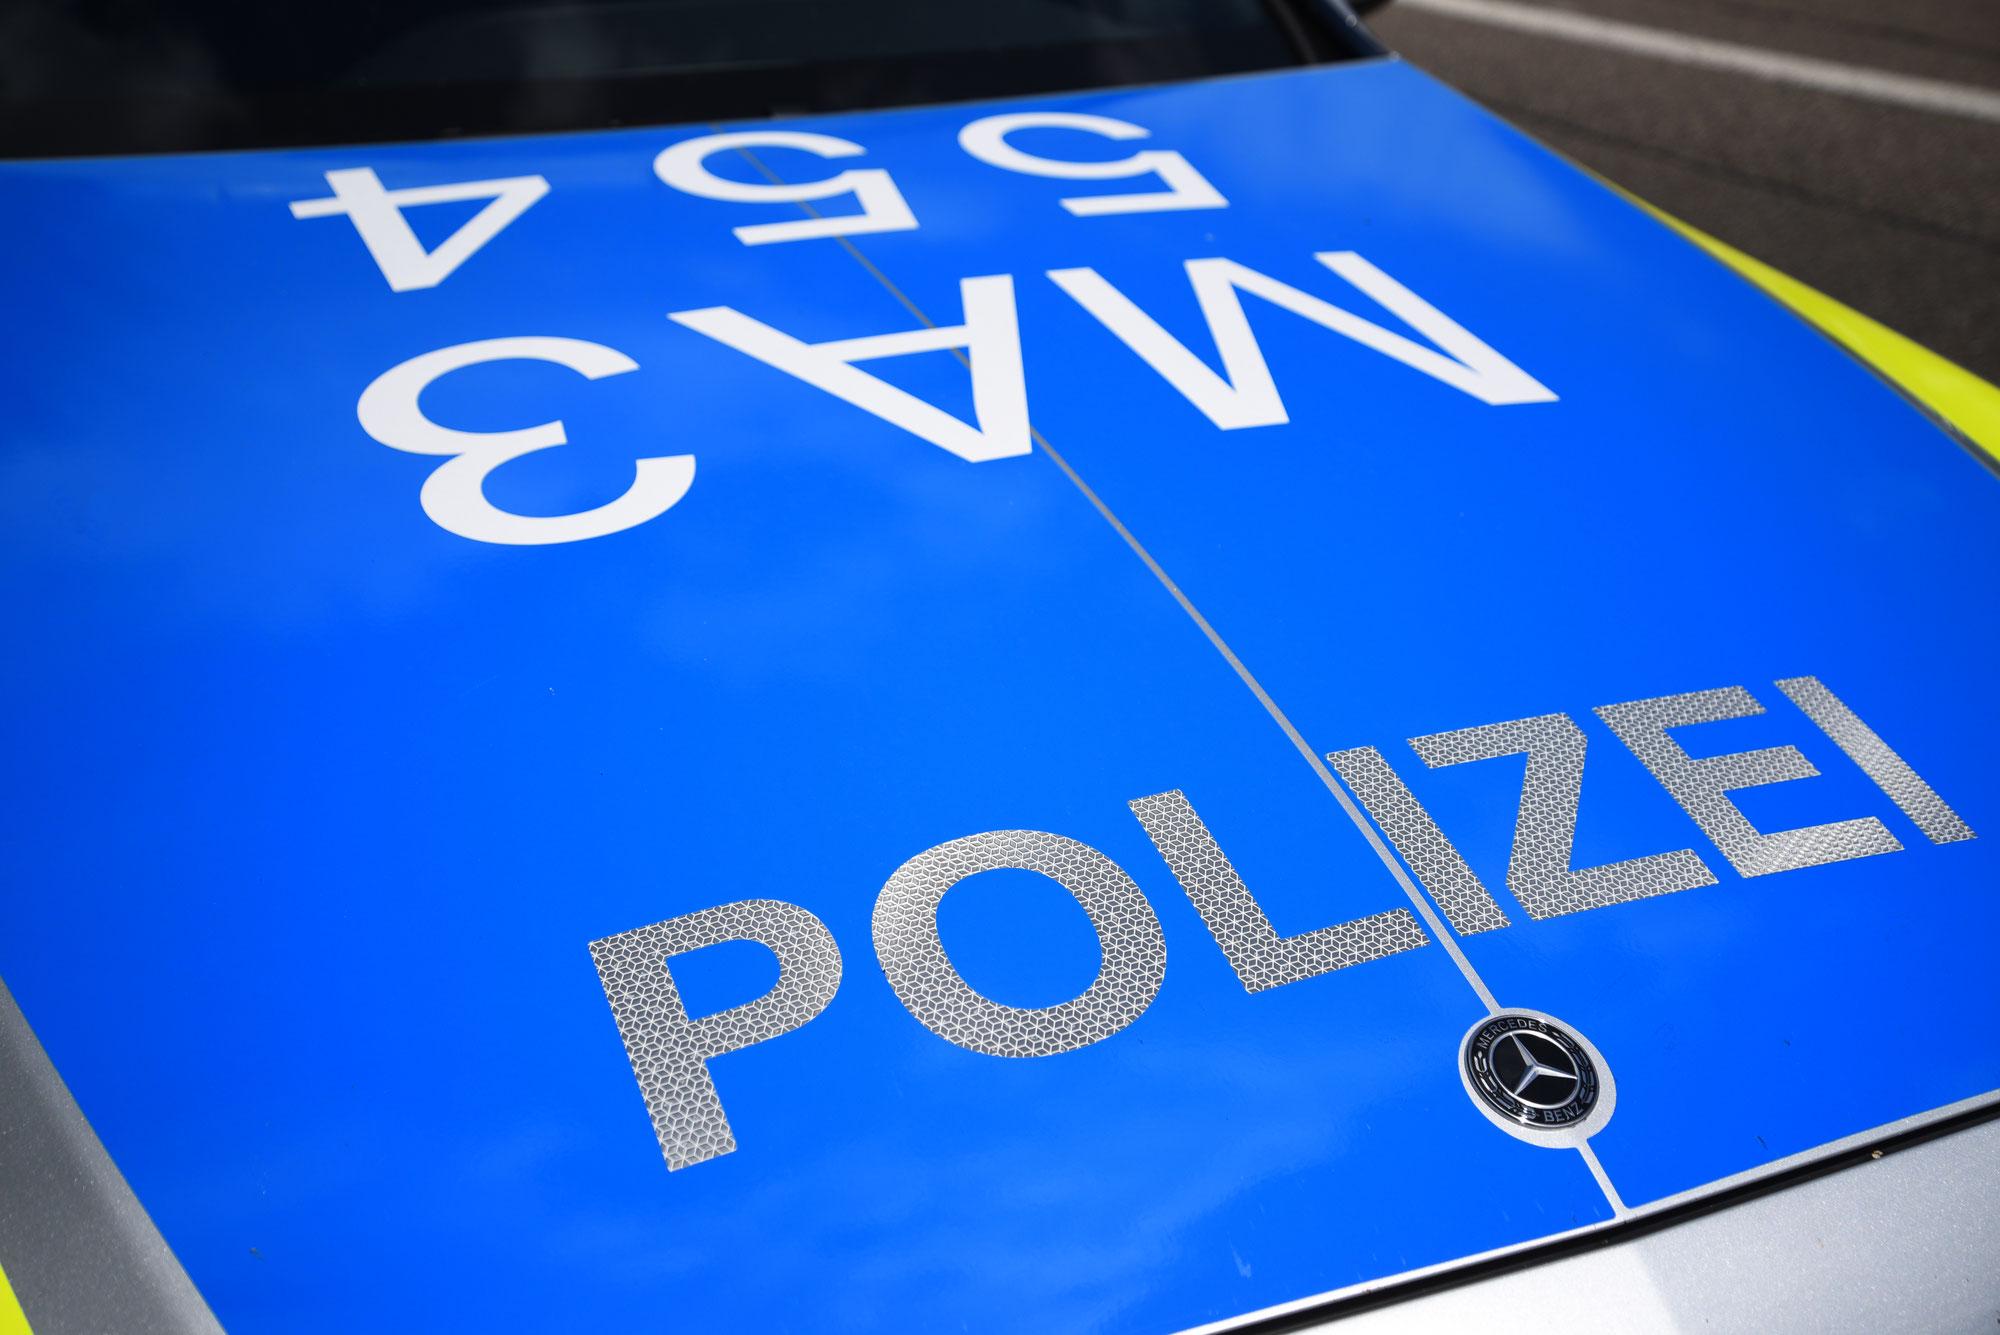 Mannheim-Käfertal: Unfall bei schlechten Witterungsbedingungen - 11.000EUR Sachschaden